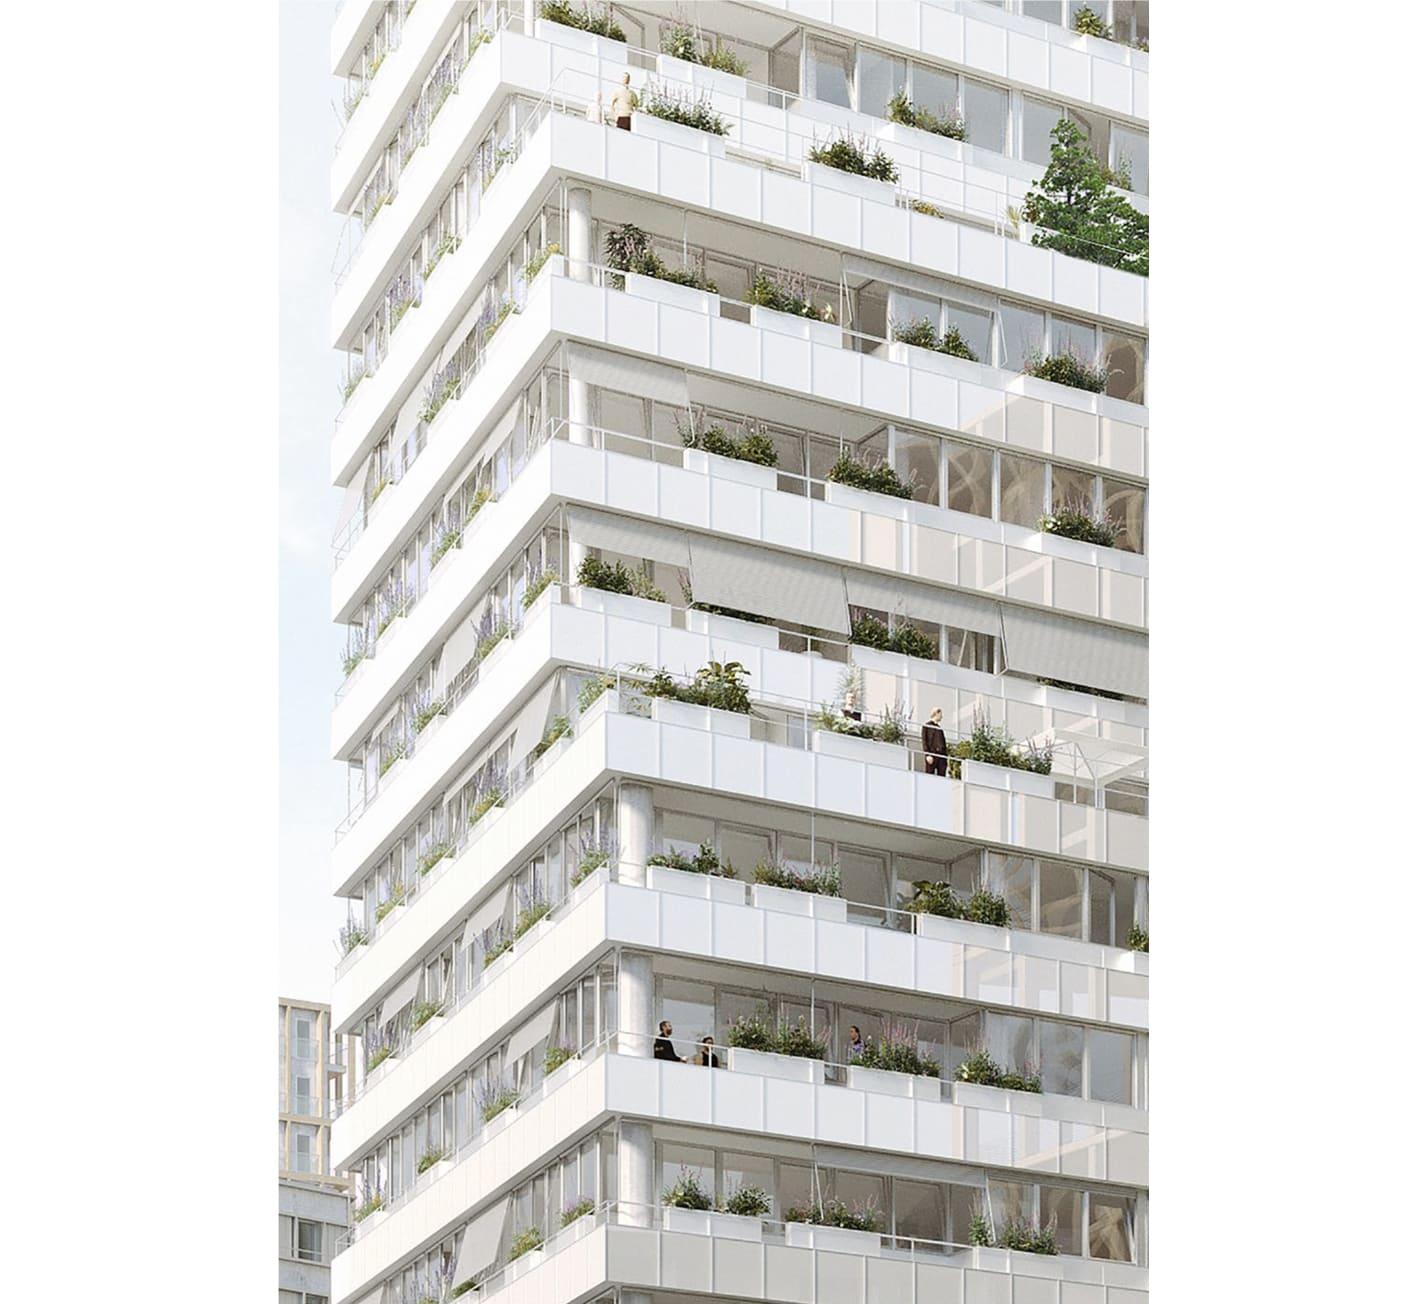 B1A5-logements-concours-architecture-paris-construction-atelier-steve-3D-01